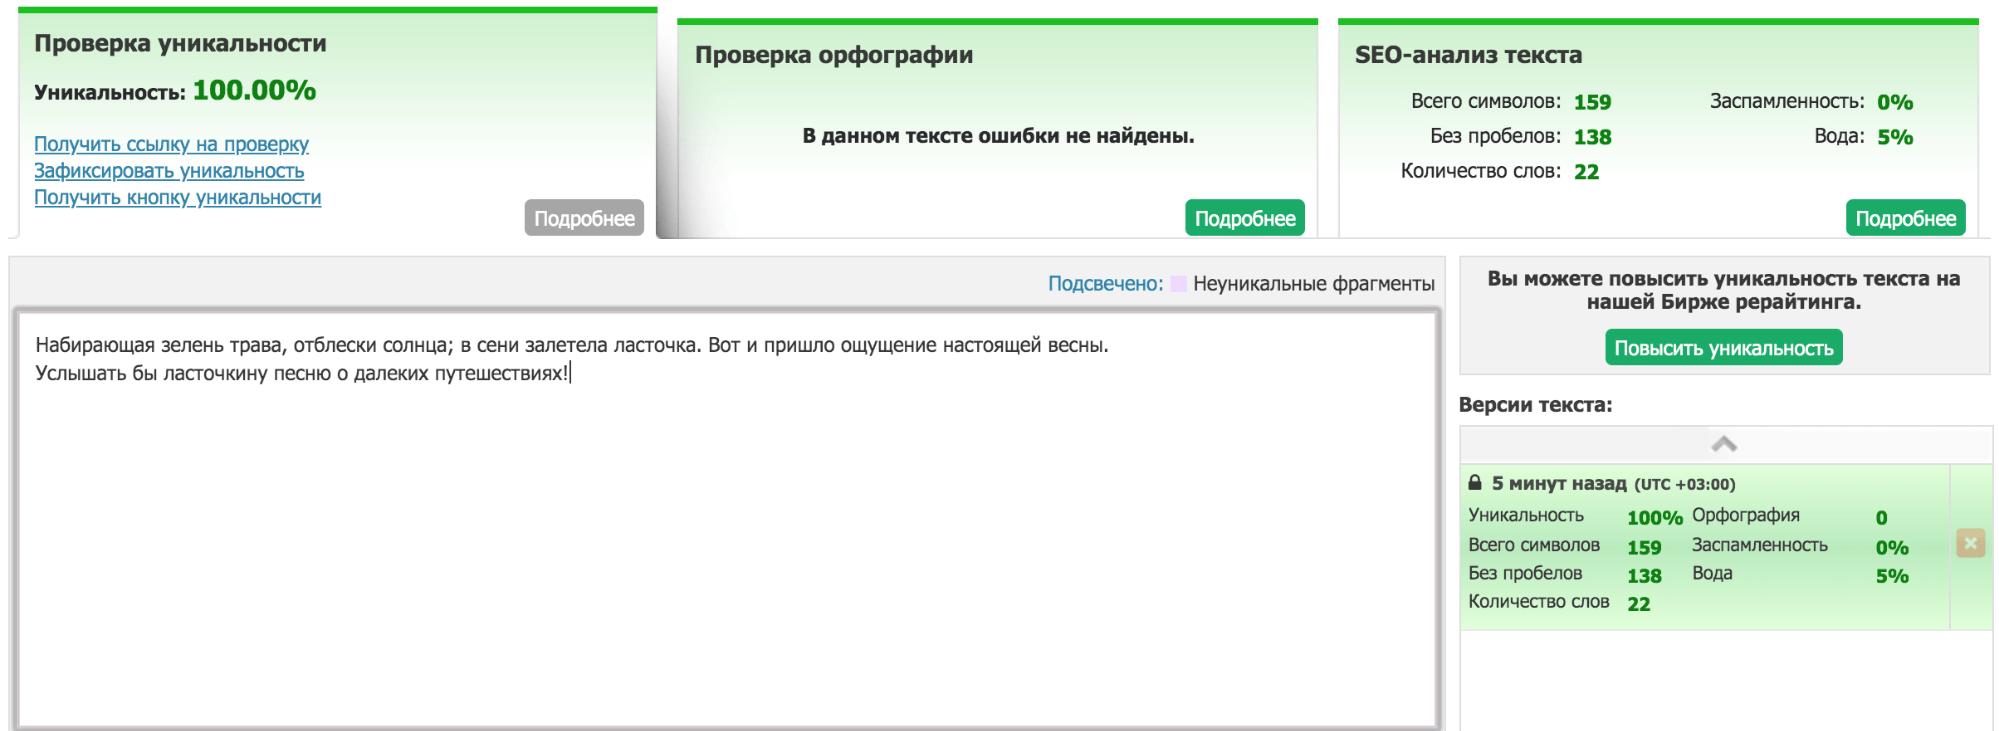 text.ru признал текст уникальным